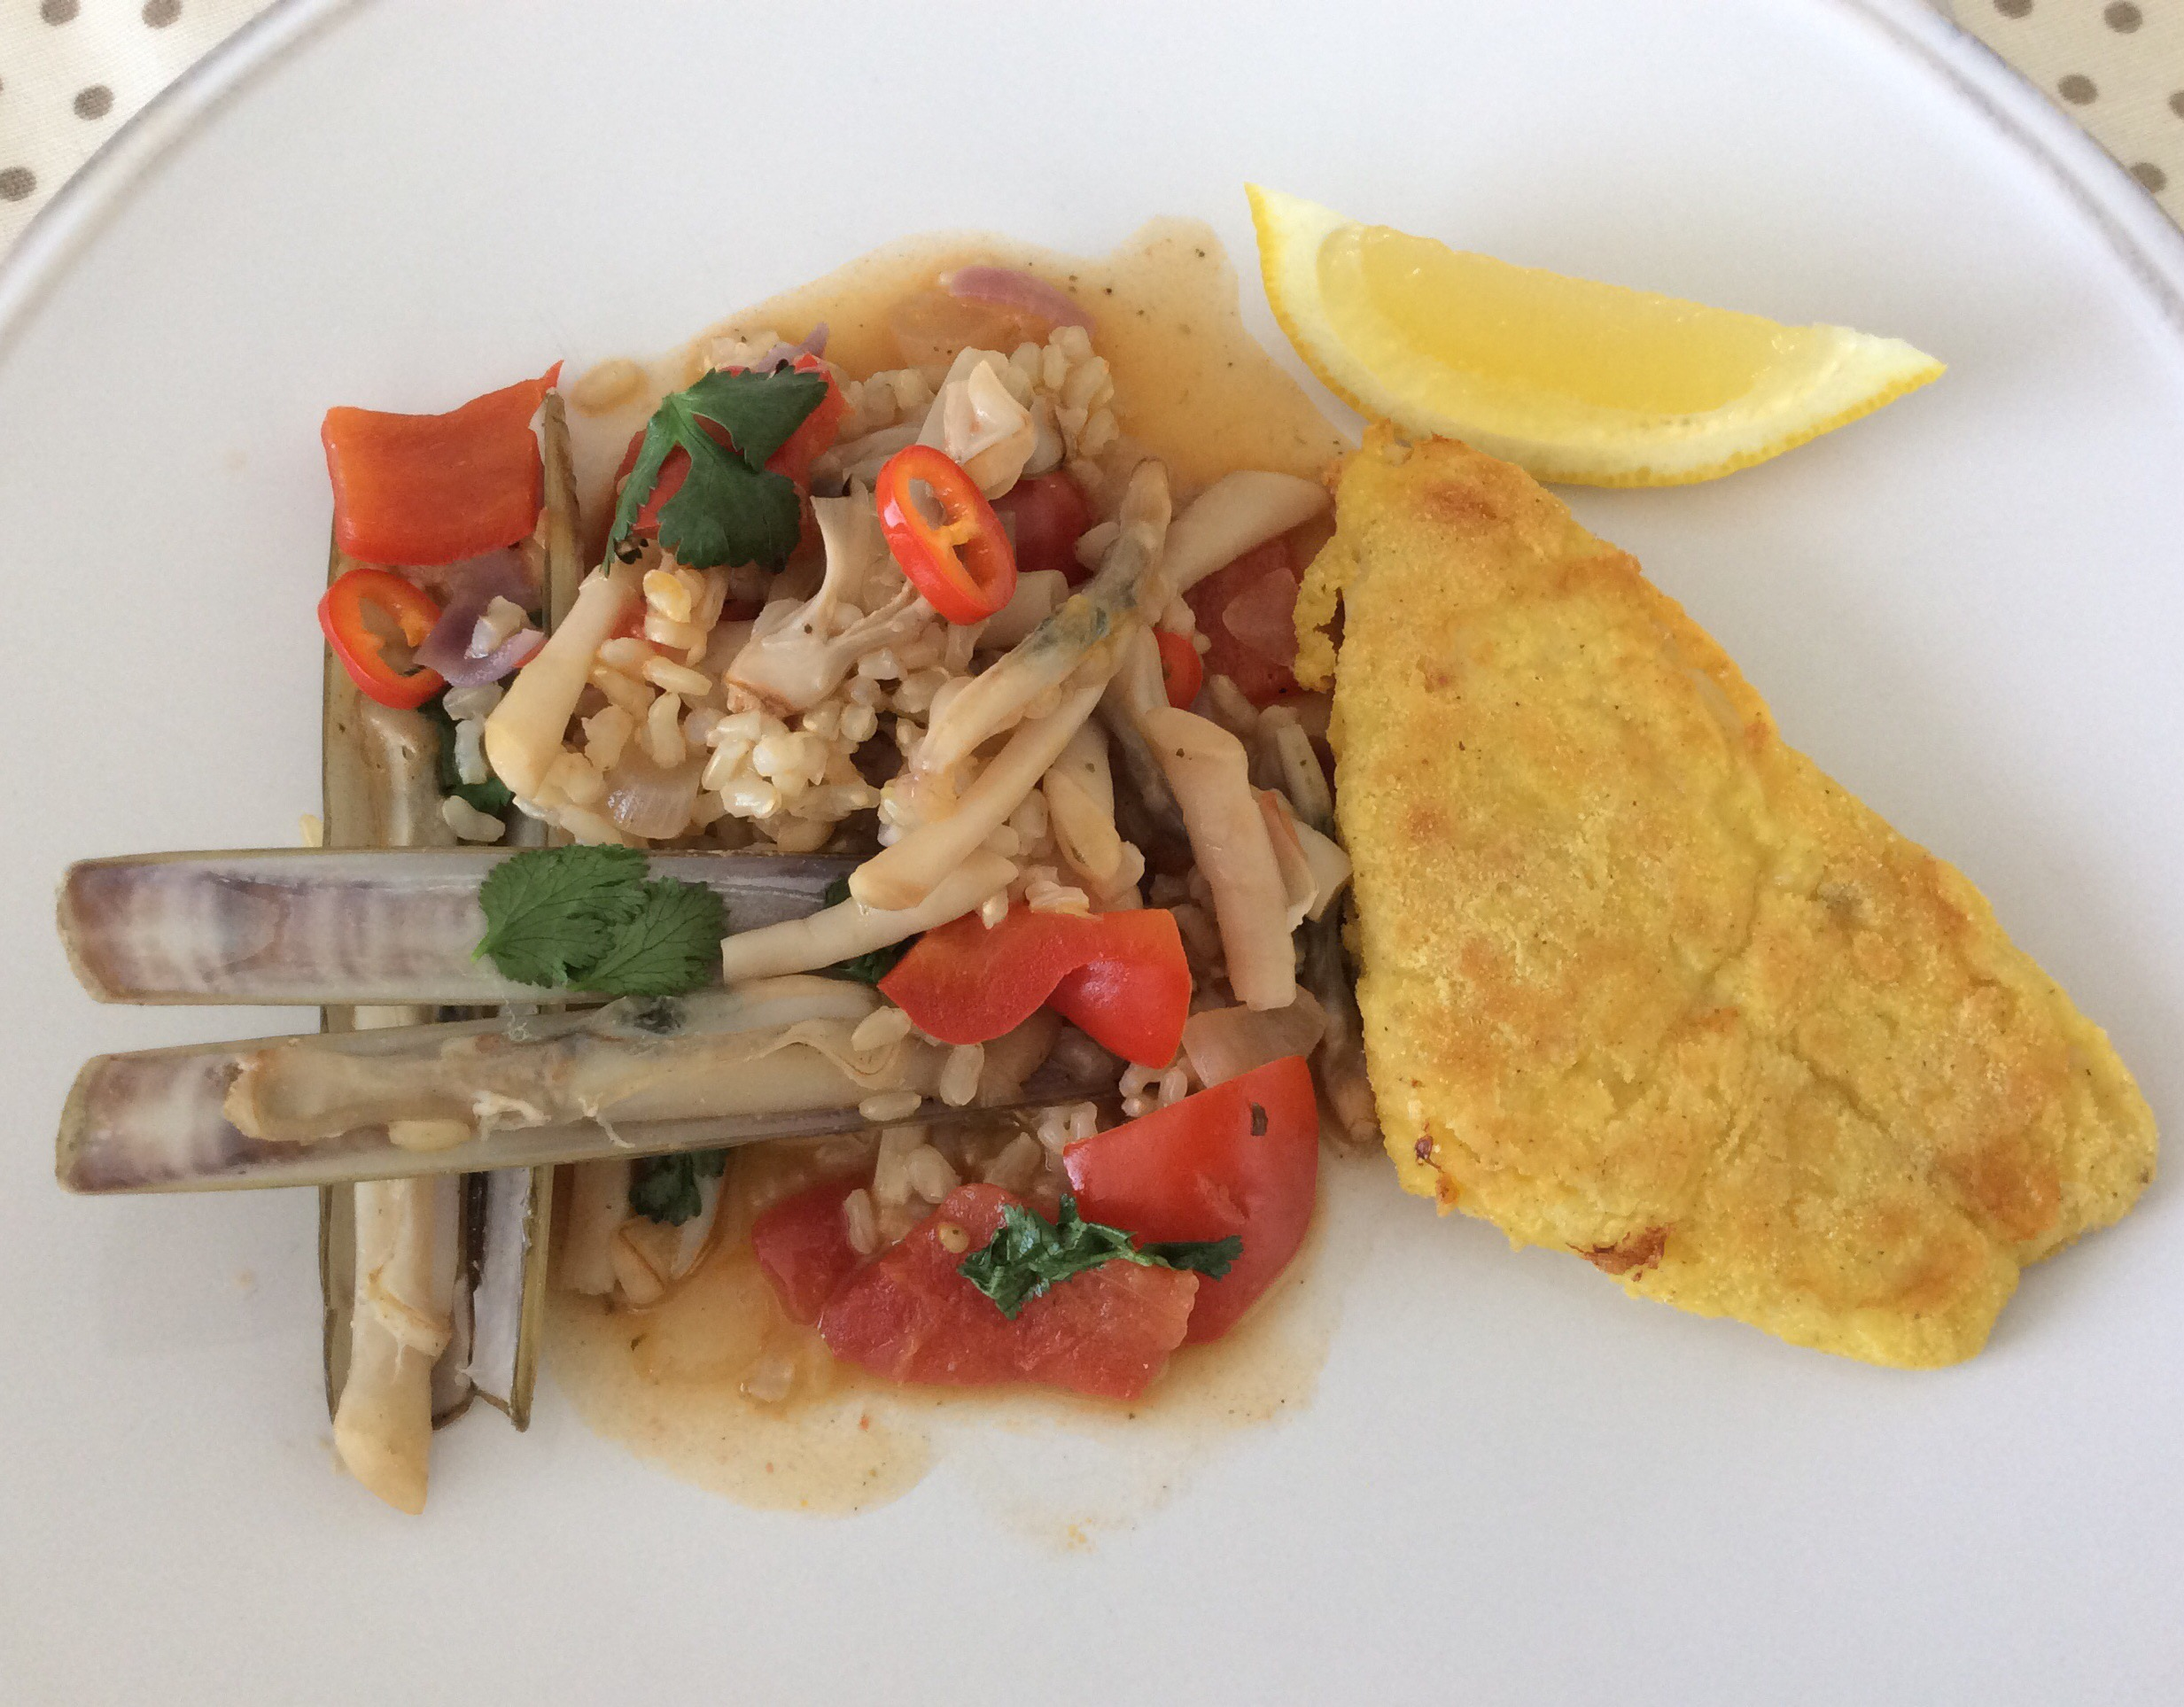 Arroz lingueirão e filetes pescada no mircoondas